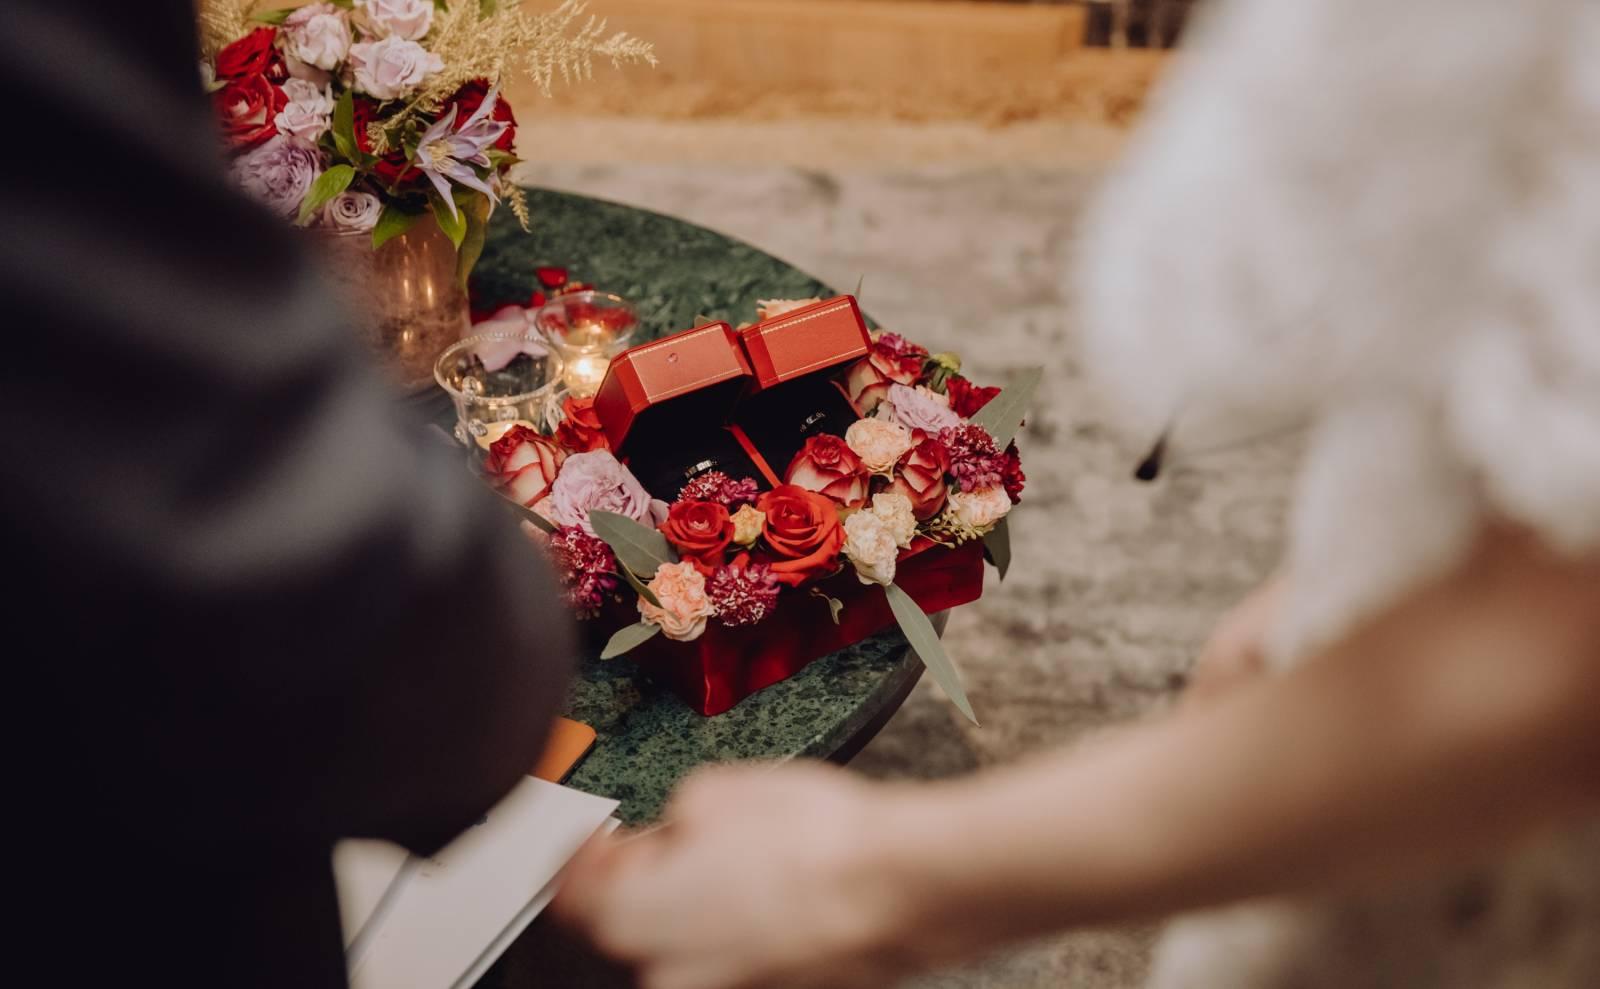 Elegant Events - Weddingplanner - Fotograaf LUX visual story tellers - House of Weddings (6)